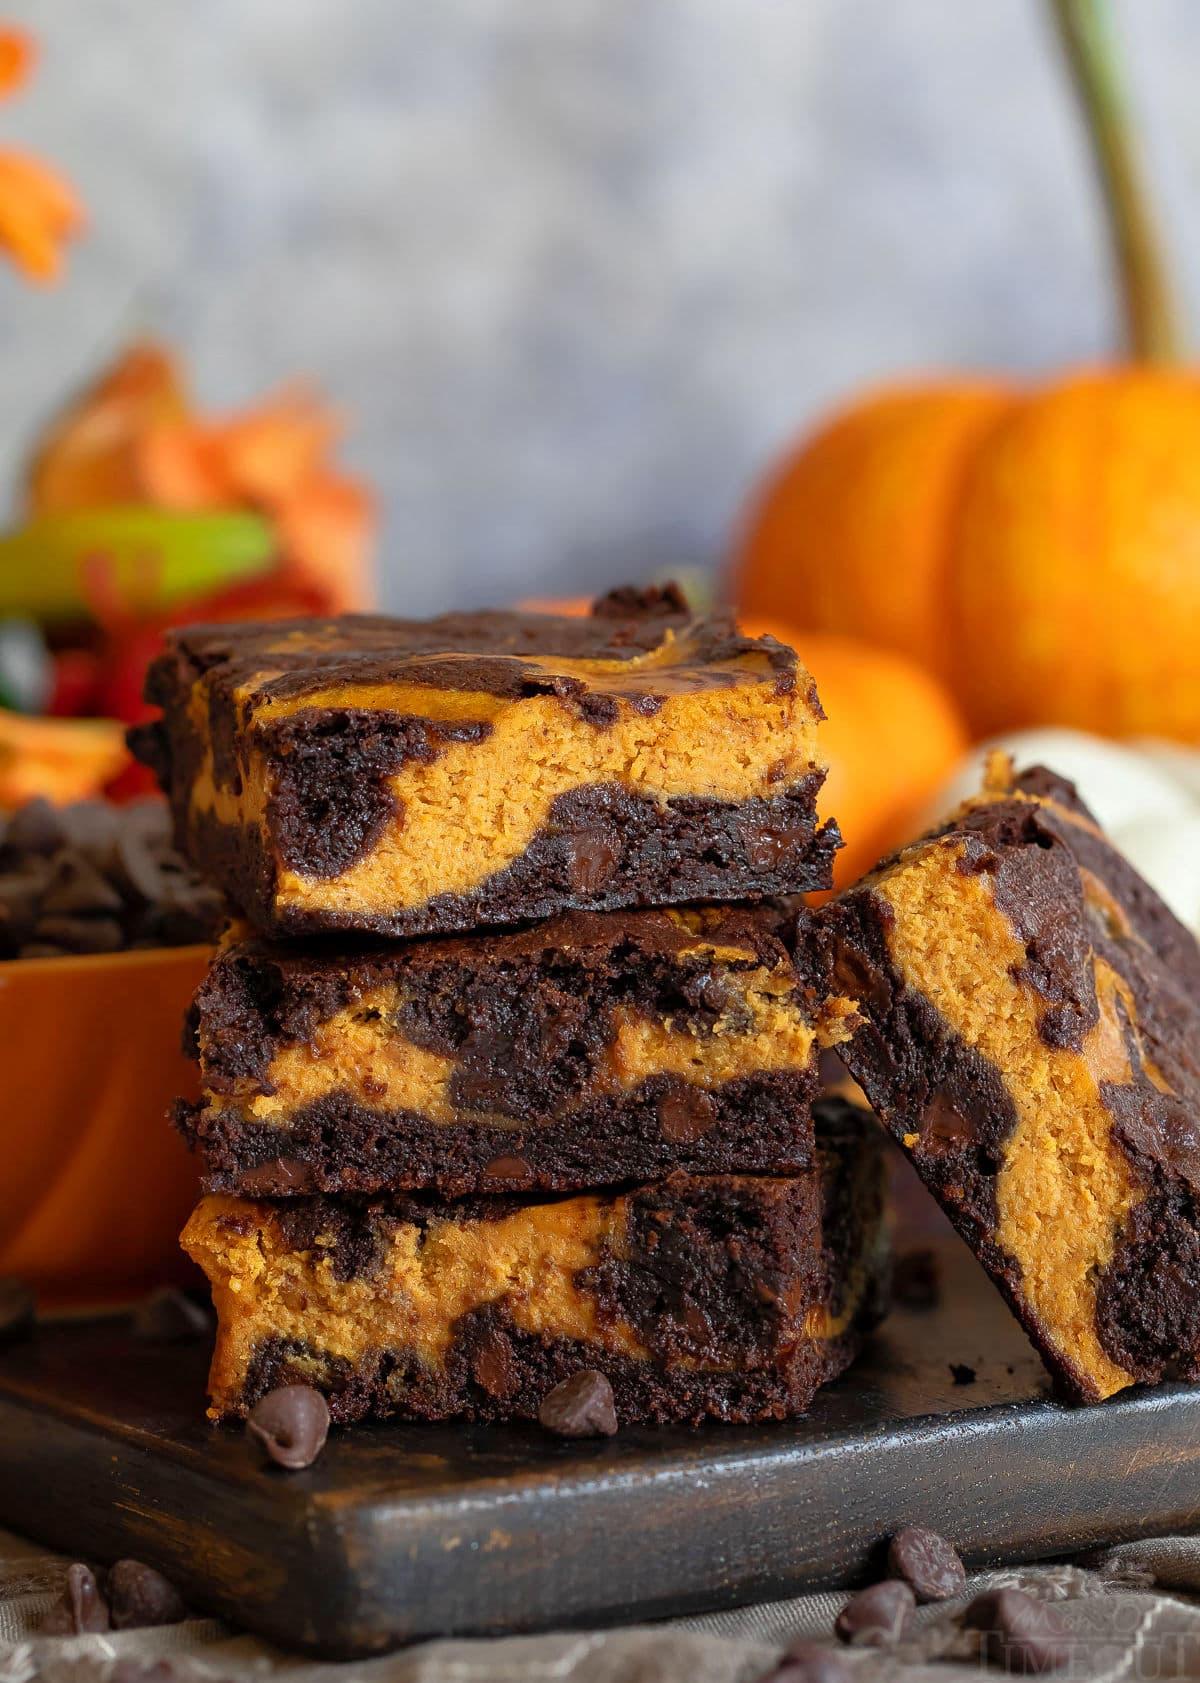 Brownies de calabaza apilados de tres en tres sobre una tabla de madera oscura con calabaza de fondo